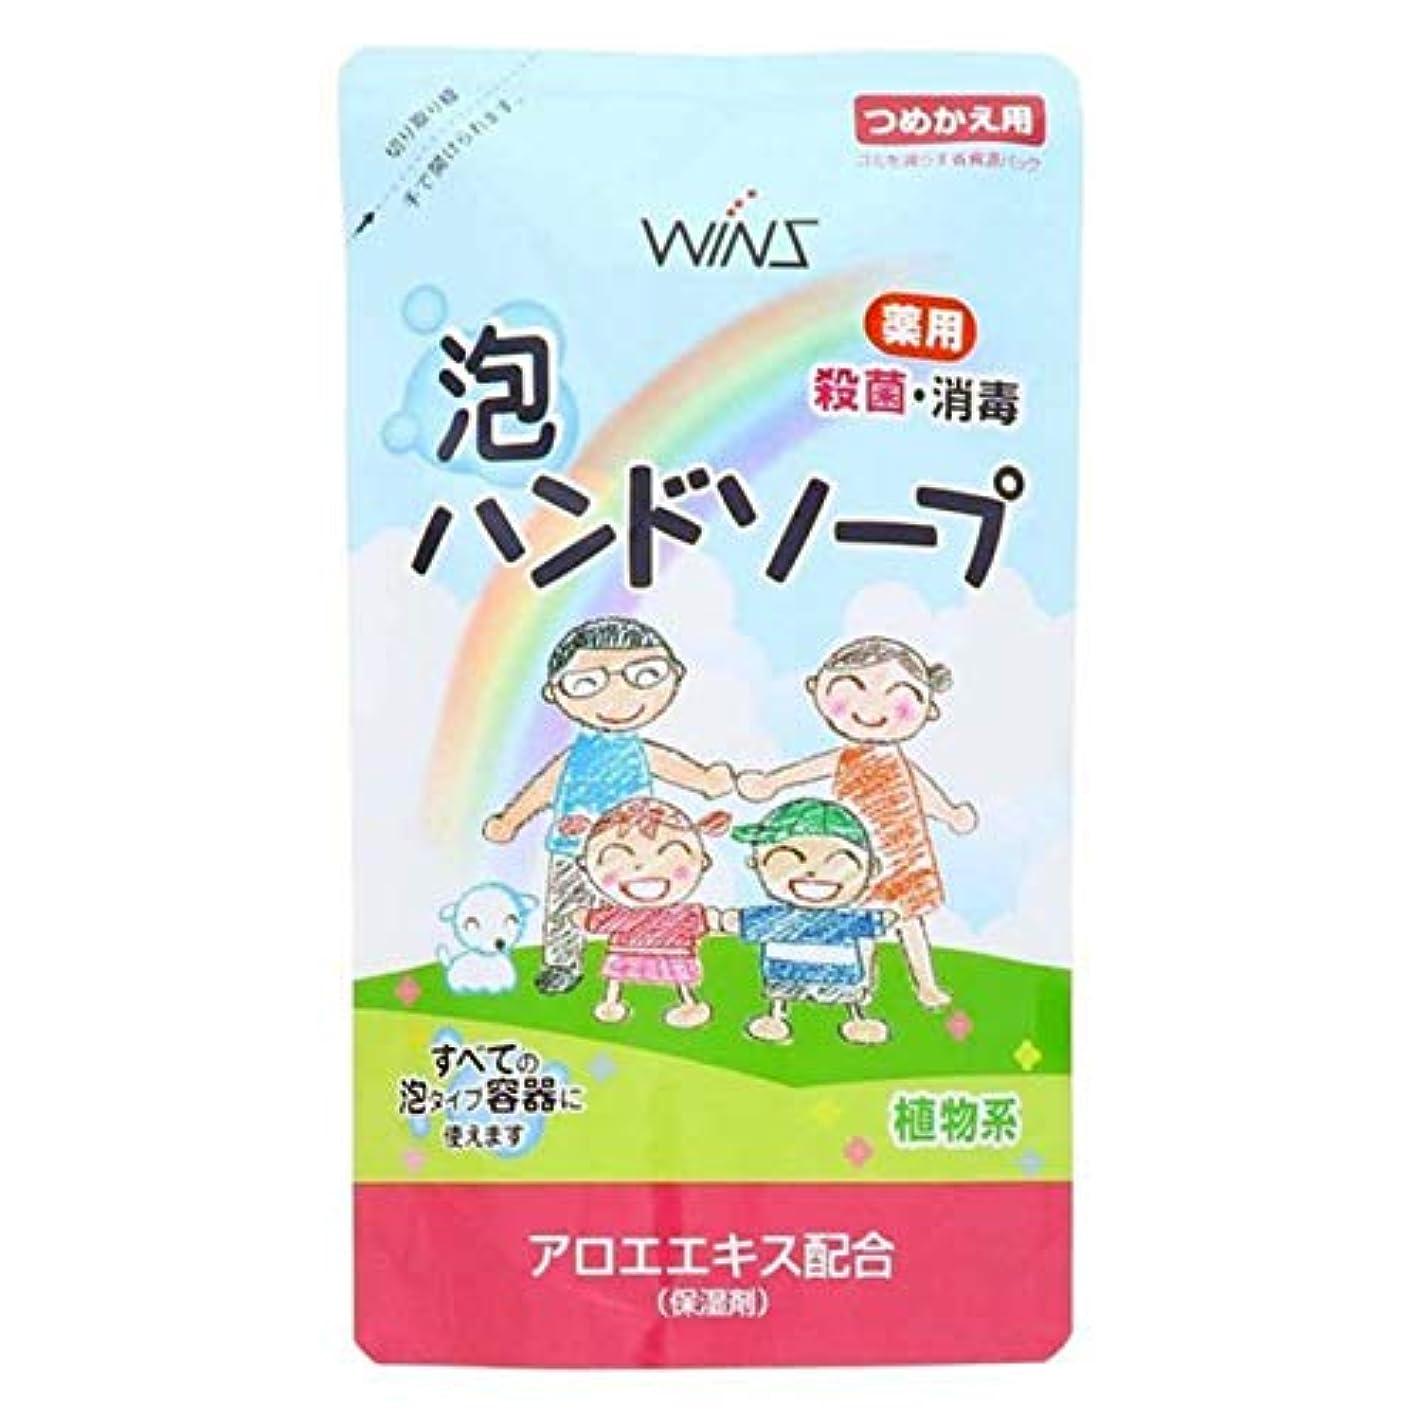 荷物剥ぎ取る年次ウインズ 薬用泡ハンドソープ 詰替 200mL 日本合成洗剤